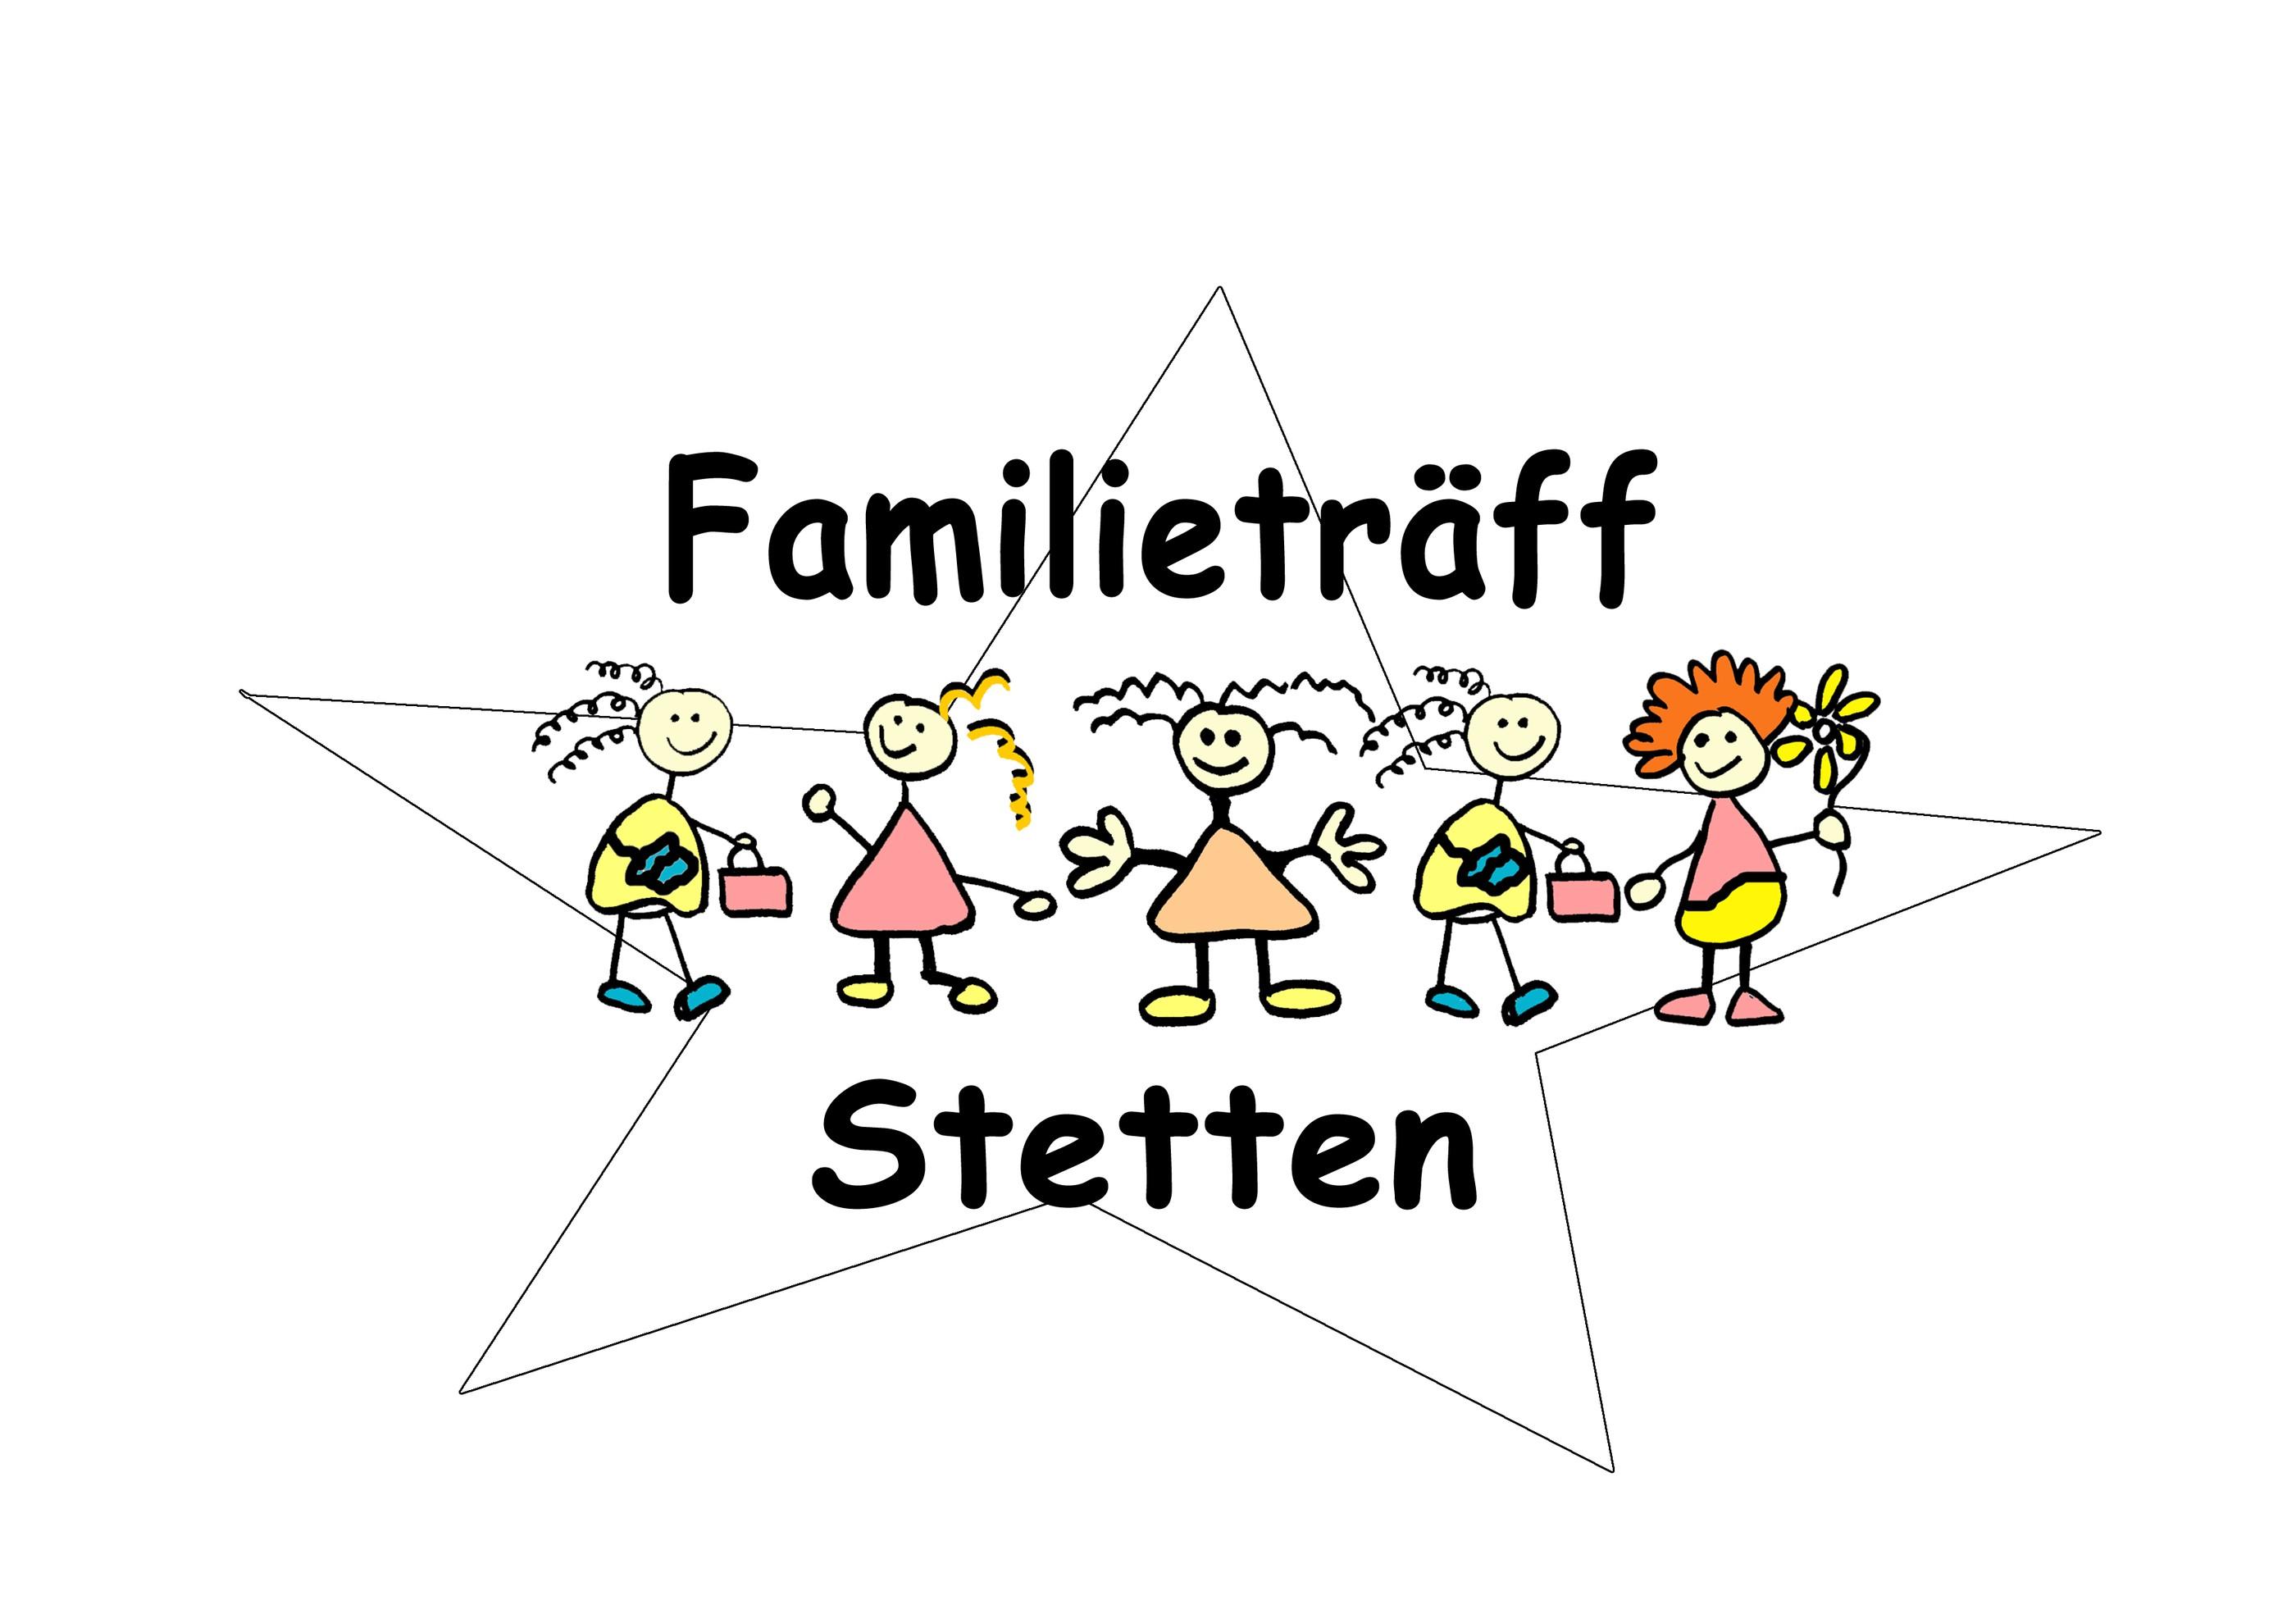 Familieträff